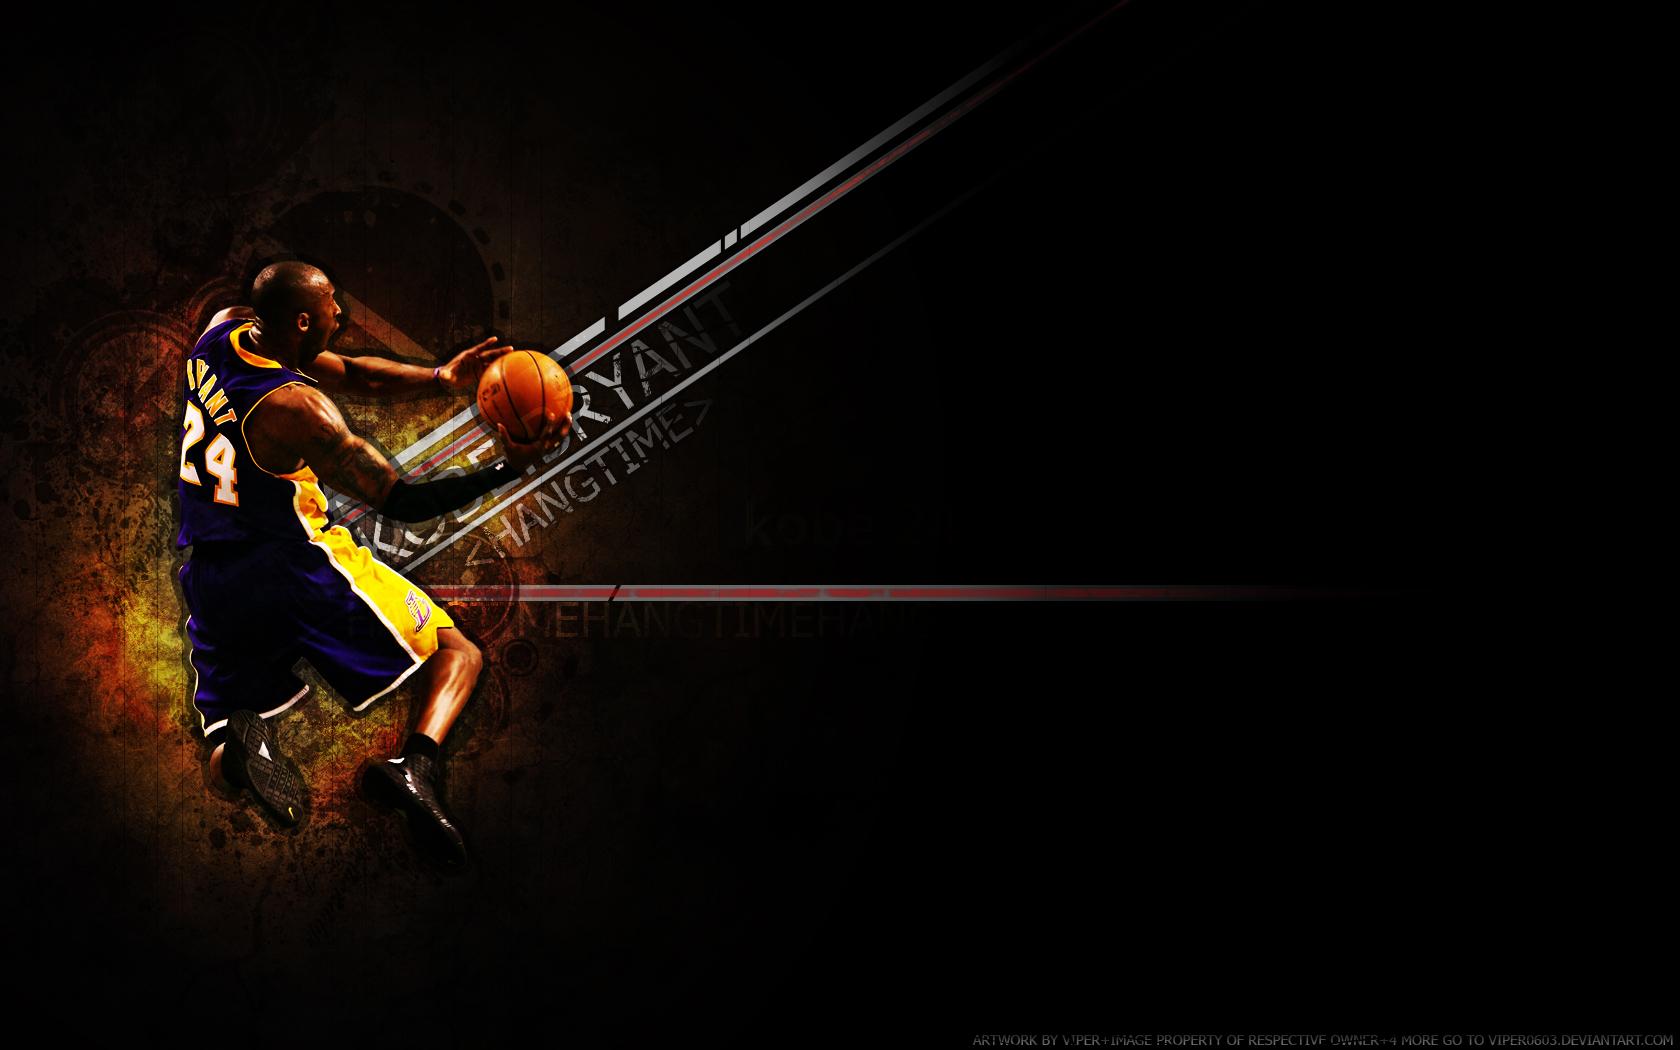 Nike Kobe Wallpaper wallpaper Nike Kobe Wallpaper hd wallpaper 1680x1050